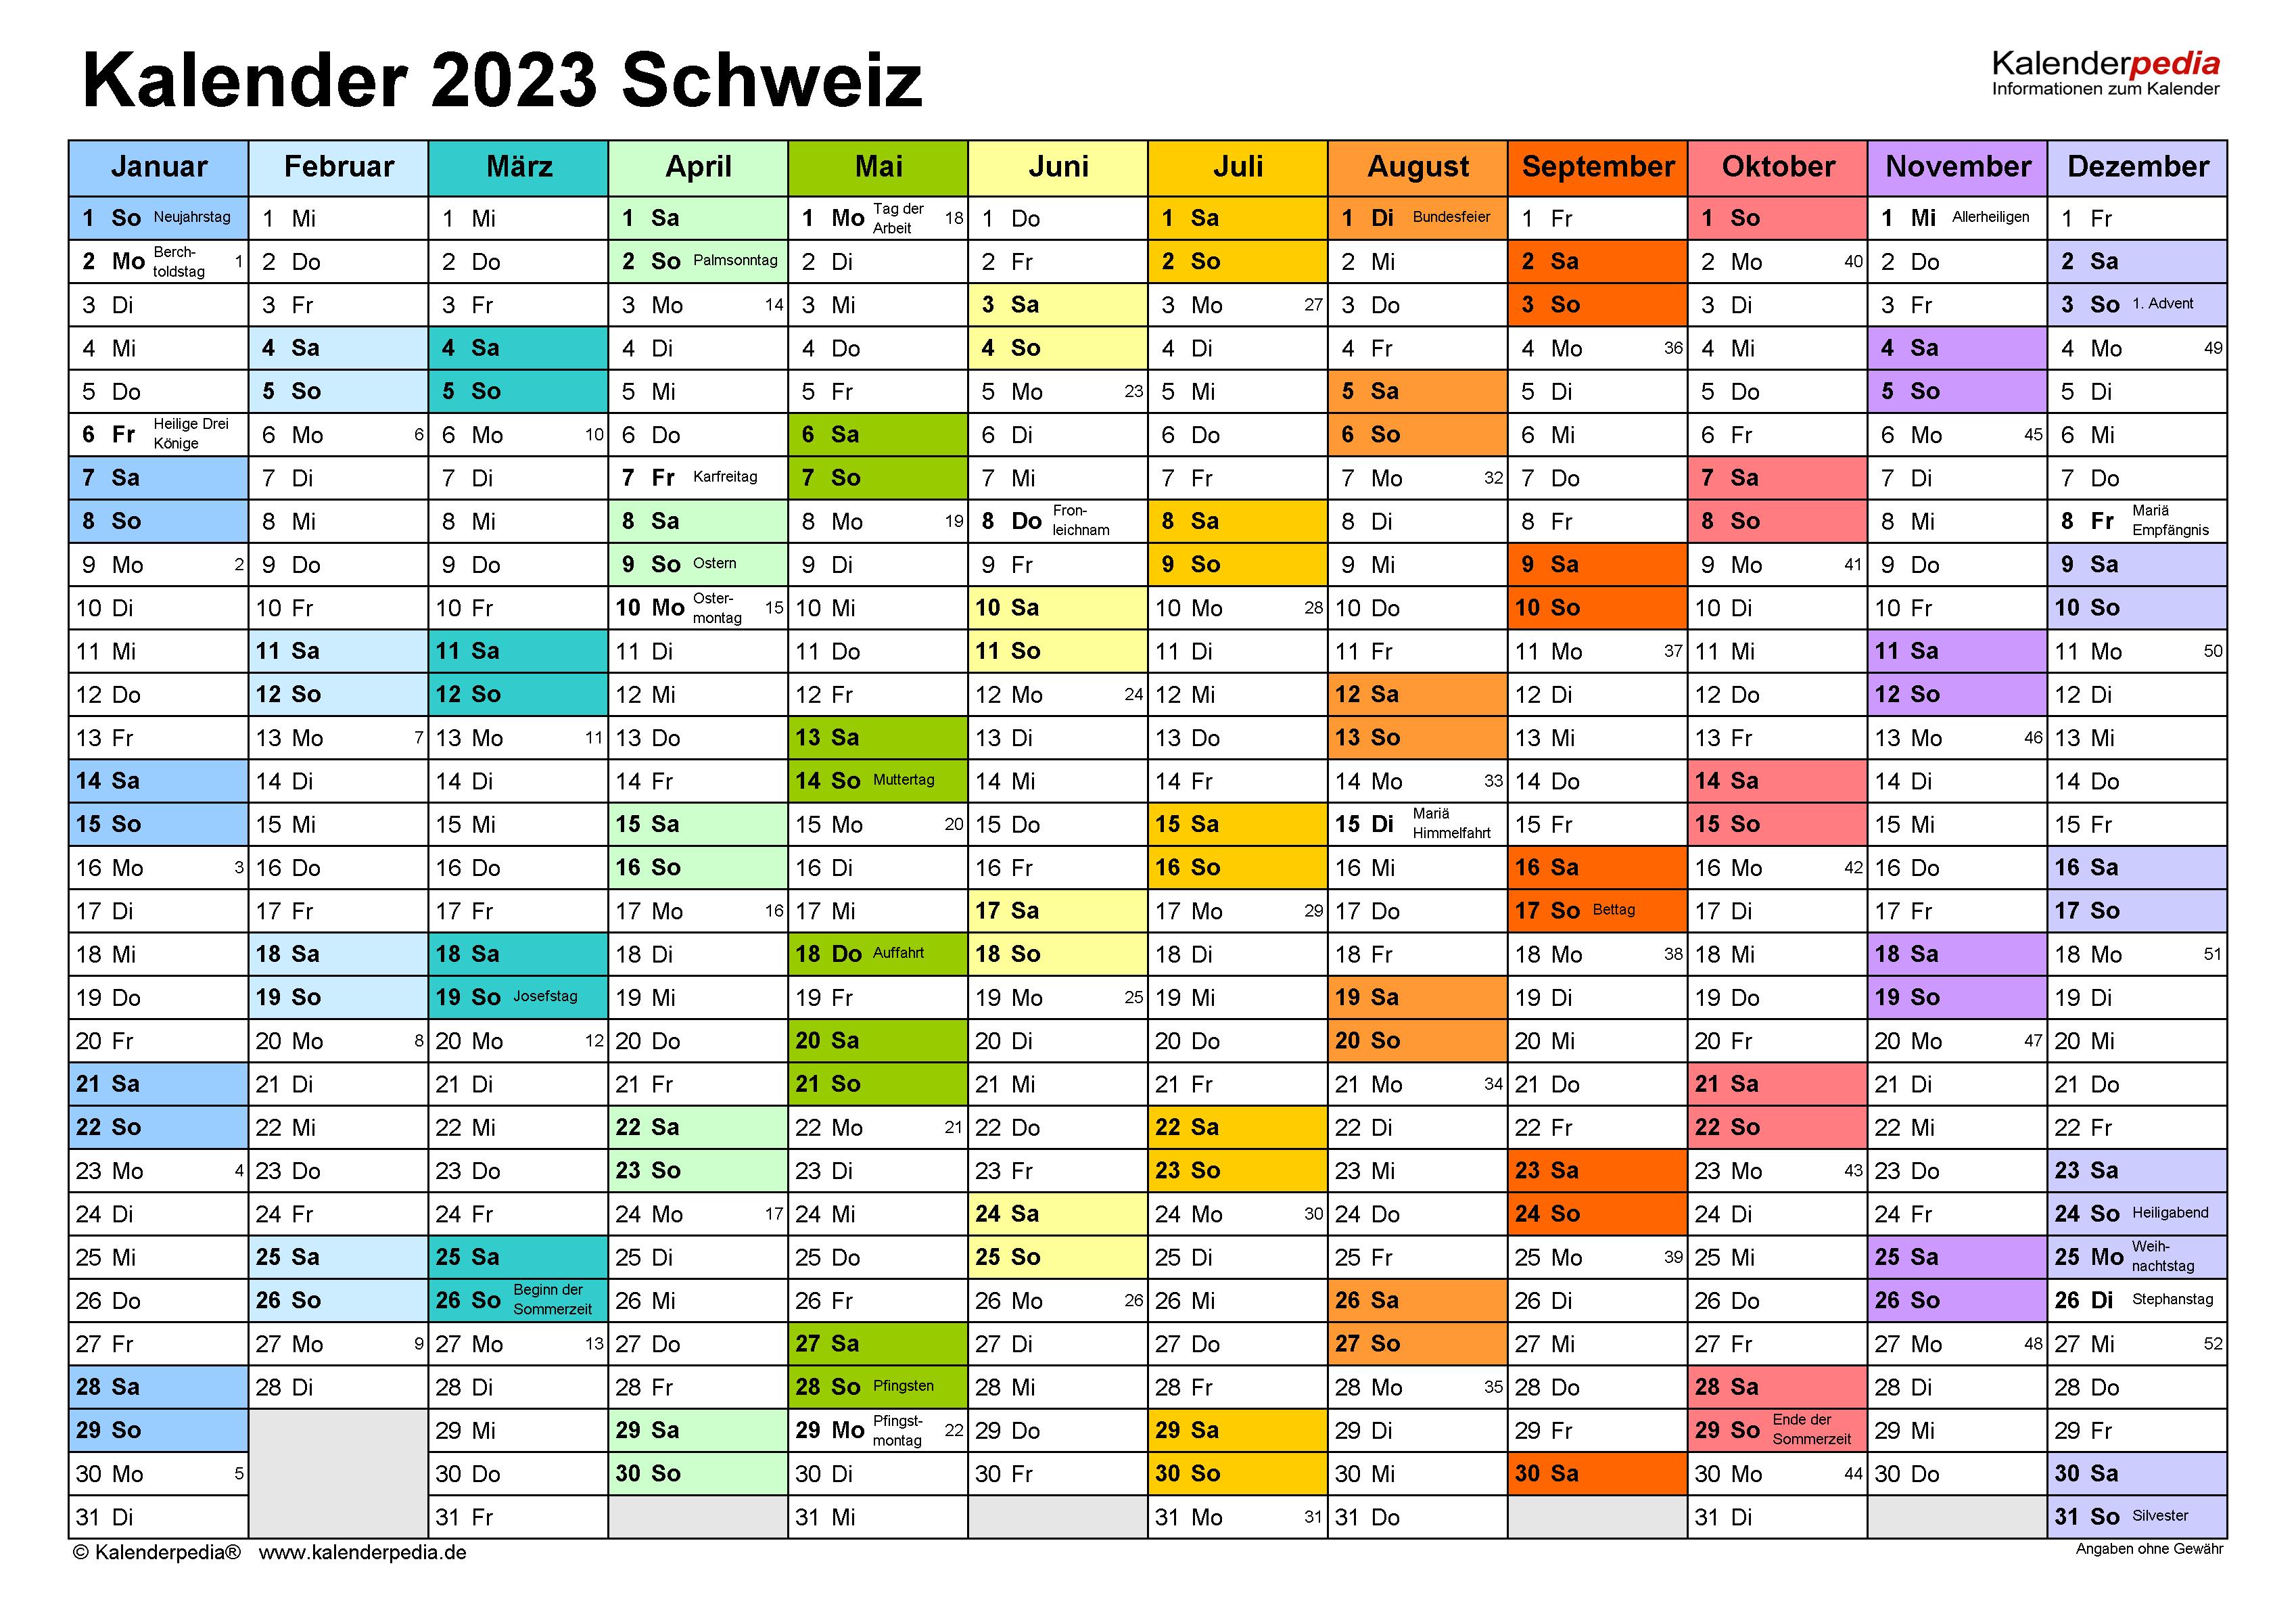 Kalender 2023 Schweiz zum Ausdrucken als PDF